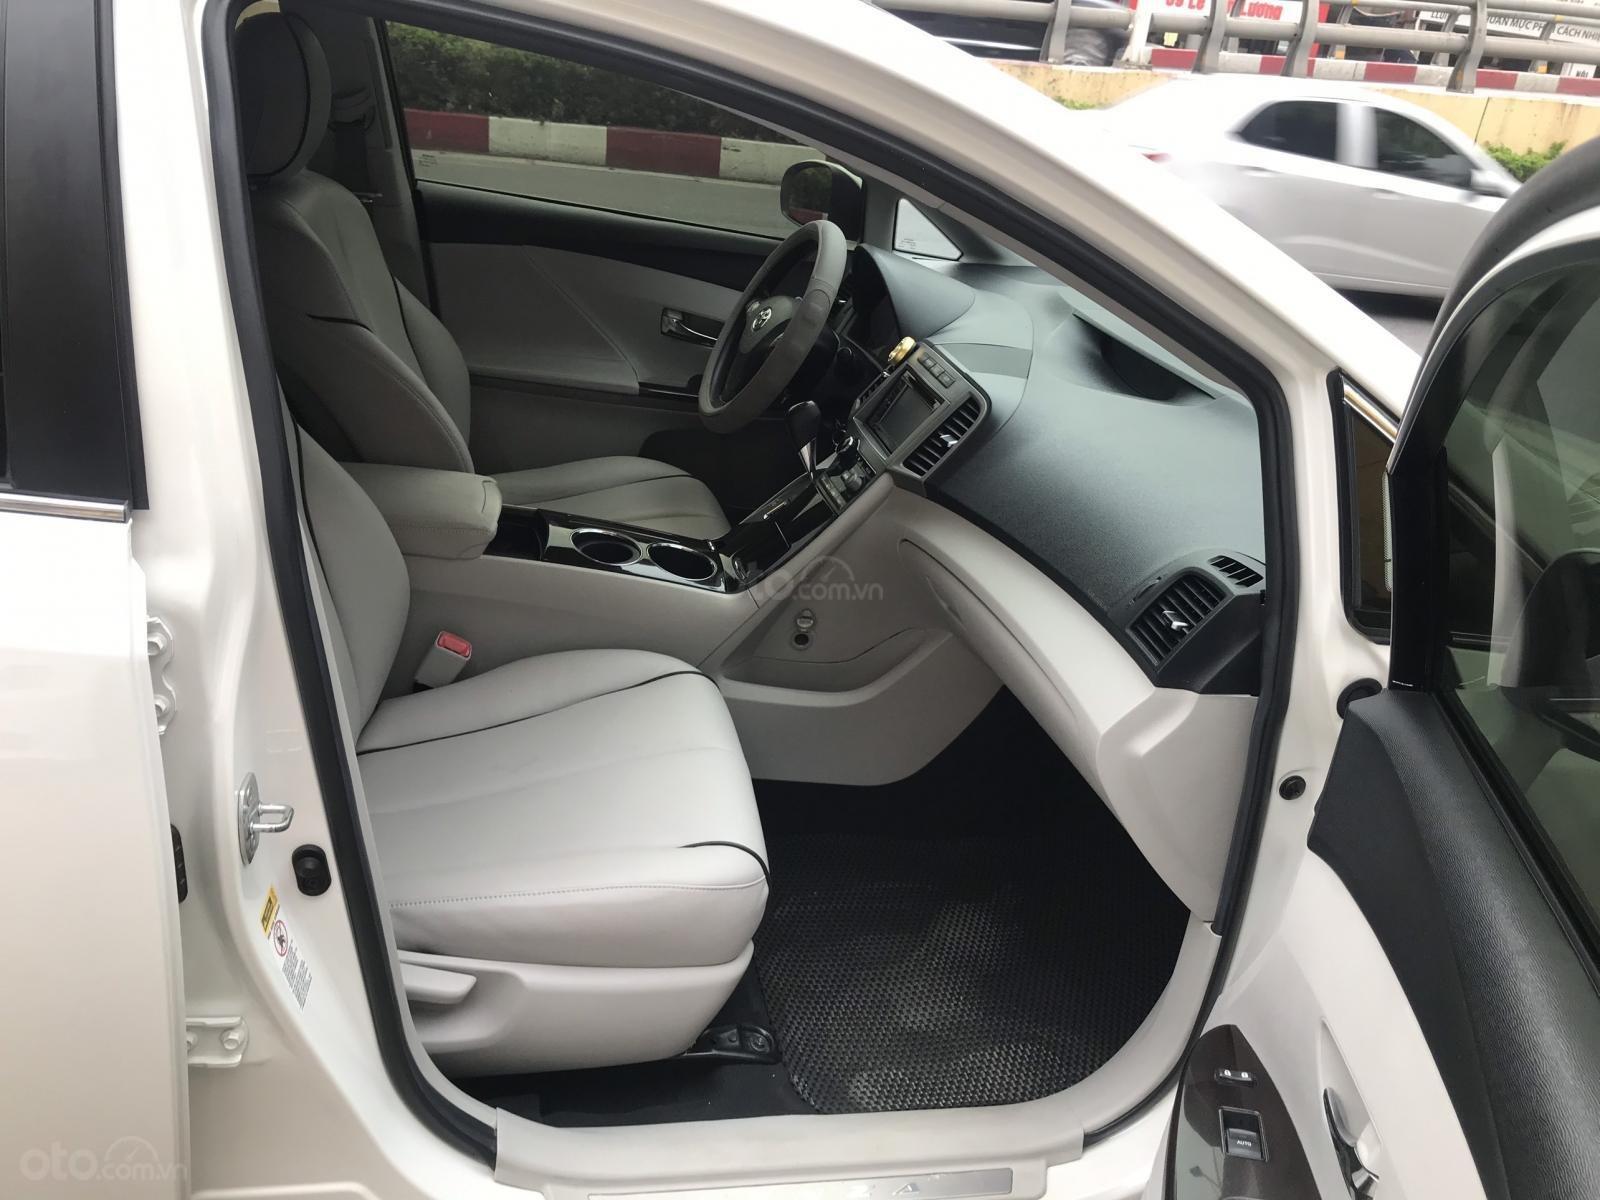 Toyota Venza sx 2010, ĐK 2011 nhập khẩu nguyên chiếc tại Mỹ (9)